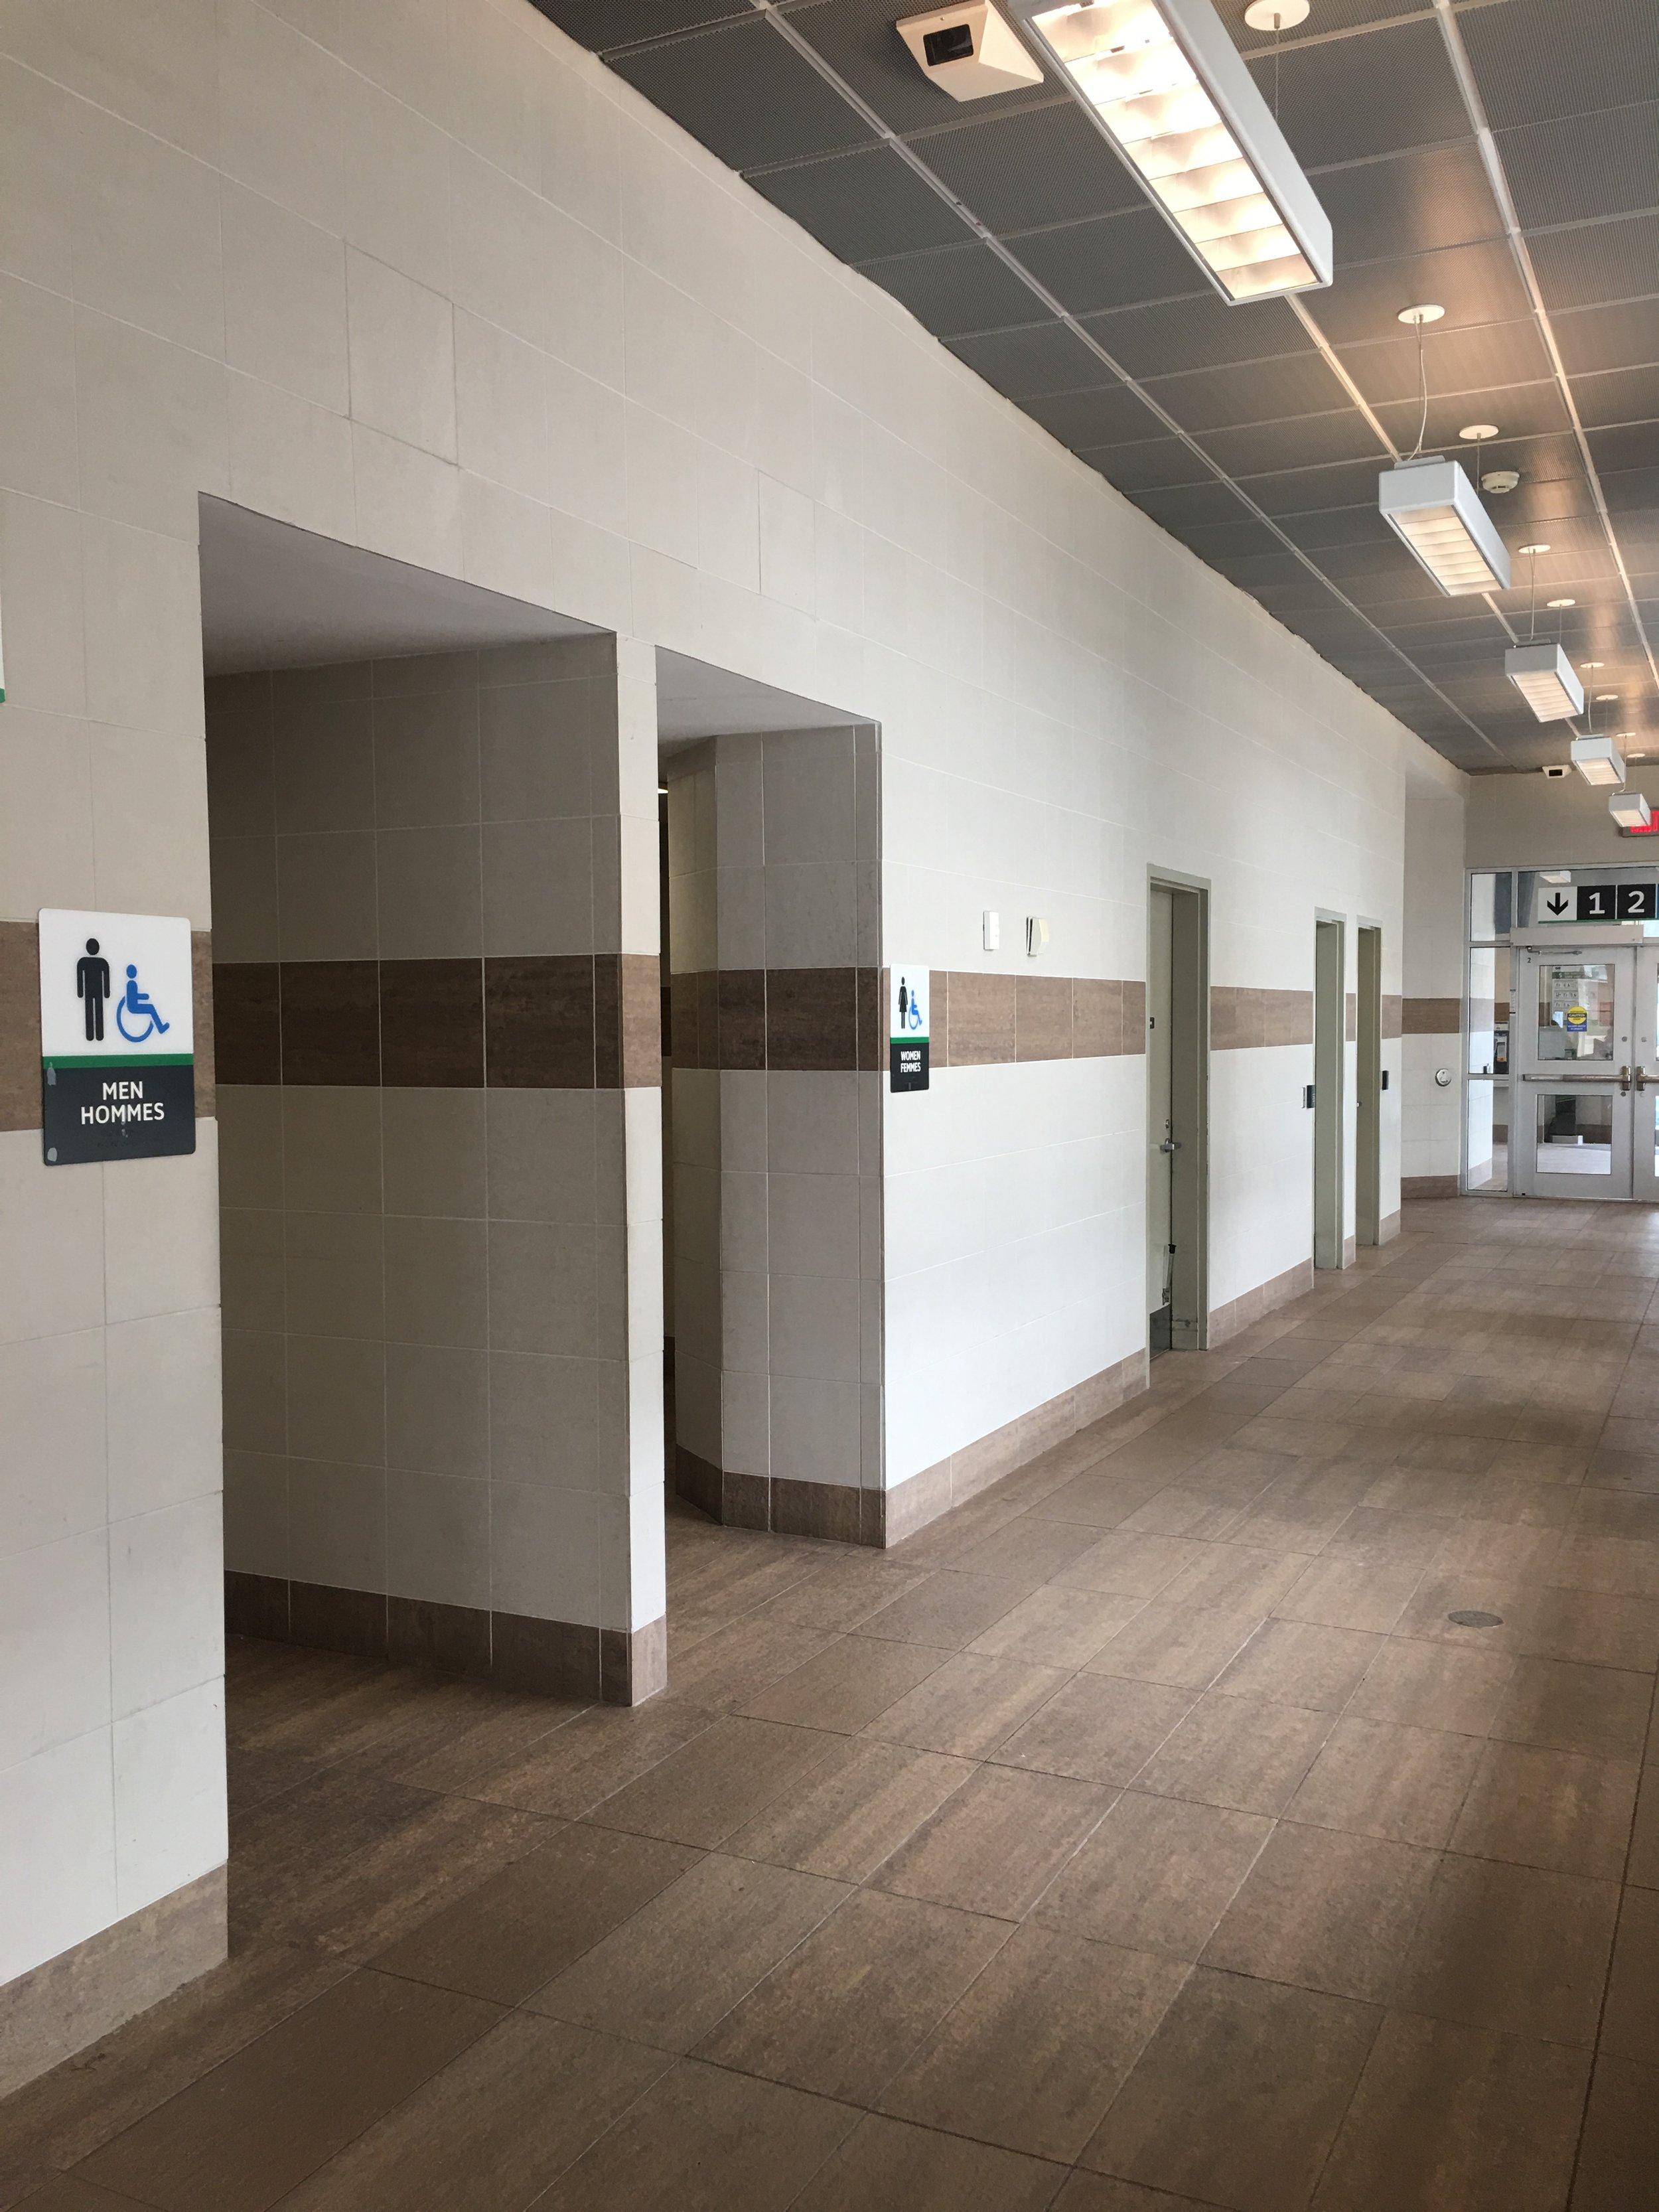 Washroom renovation at Pickering GO